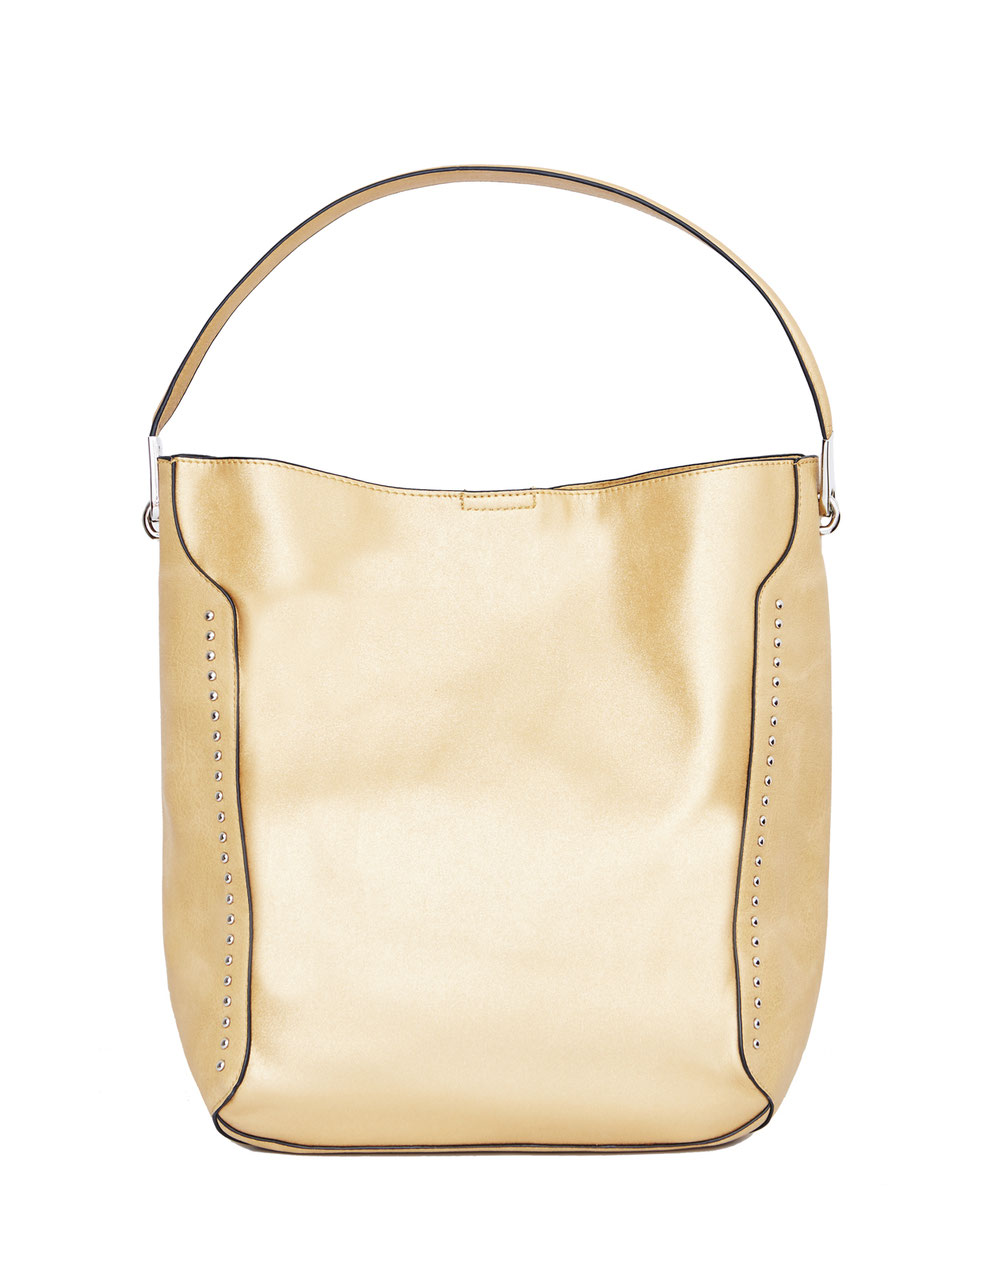 679fa925ec2dc Modische Designer Handtaschen - Mypepita.com